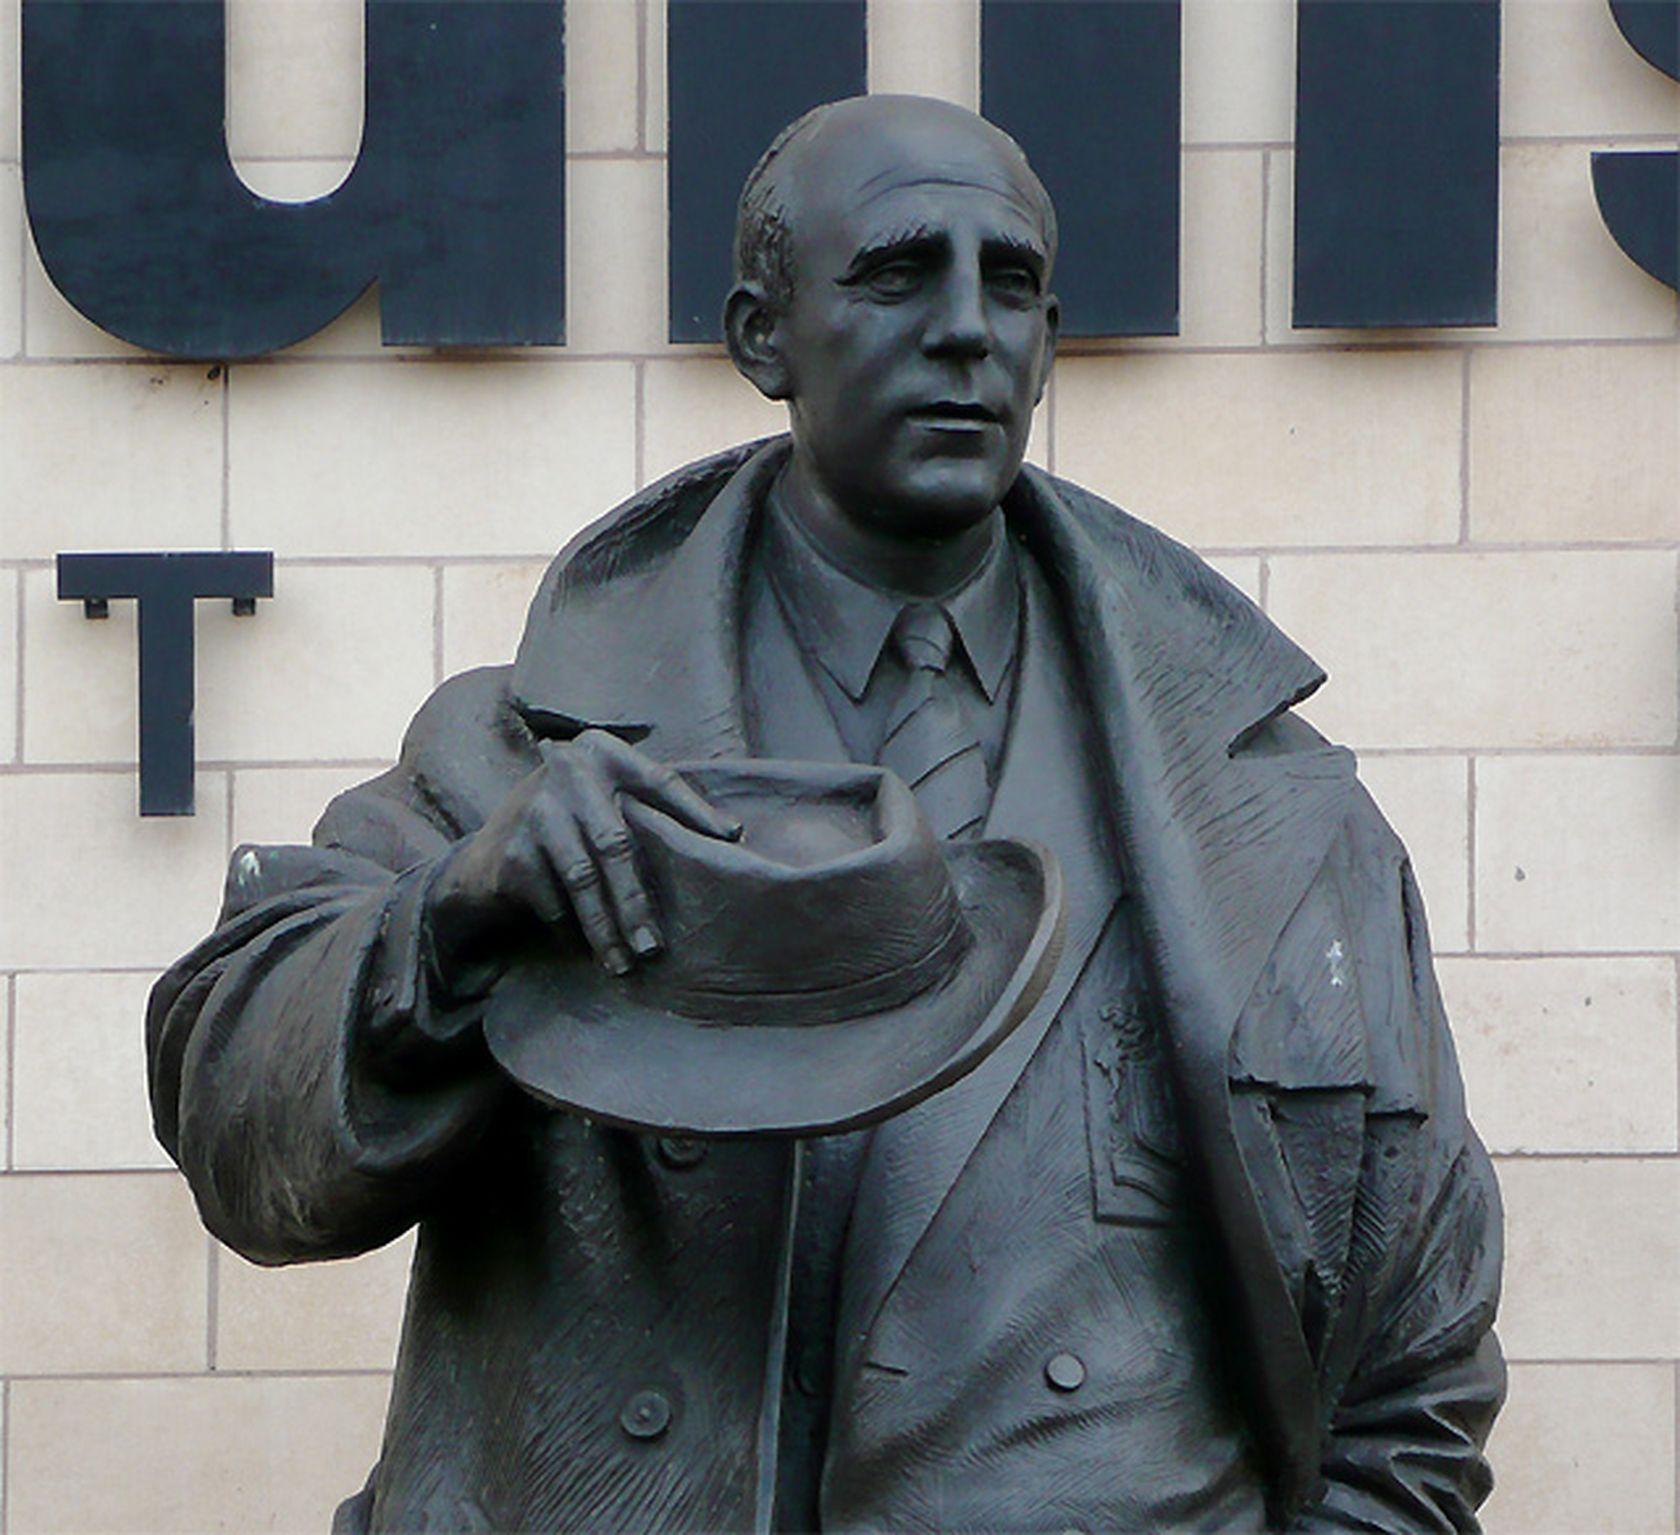 Статуя на Стан Кълис краси стадиона на Уулвърхемптън, а една от трибуните носи неговото име. Легендата за него отчасти се дължи и на отказа му да вдигне ръка пред Гьоринг, Хес и останалите